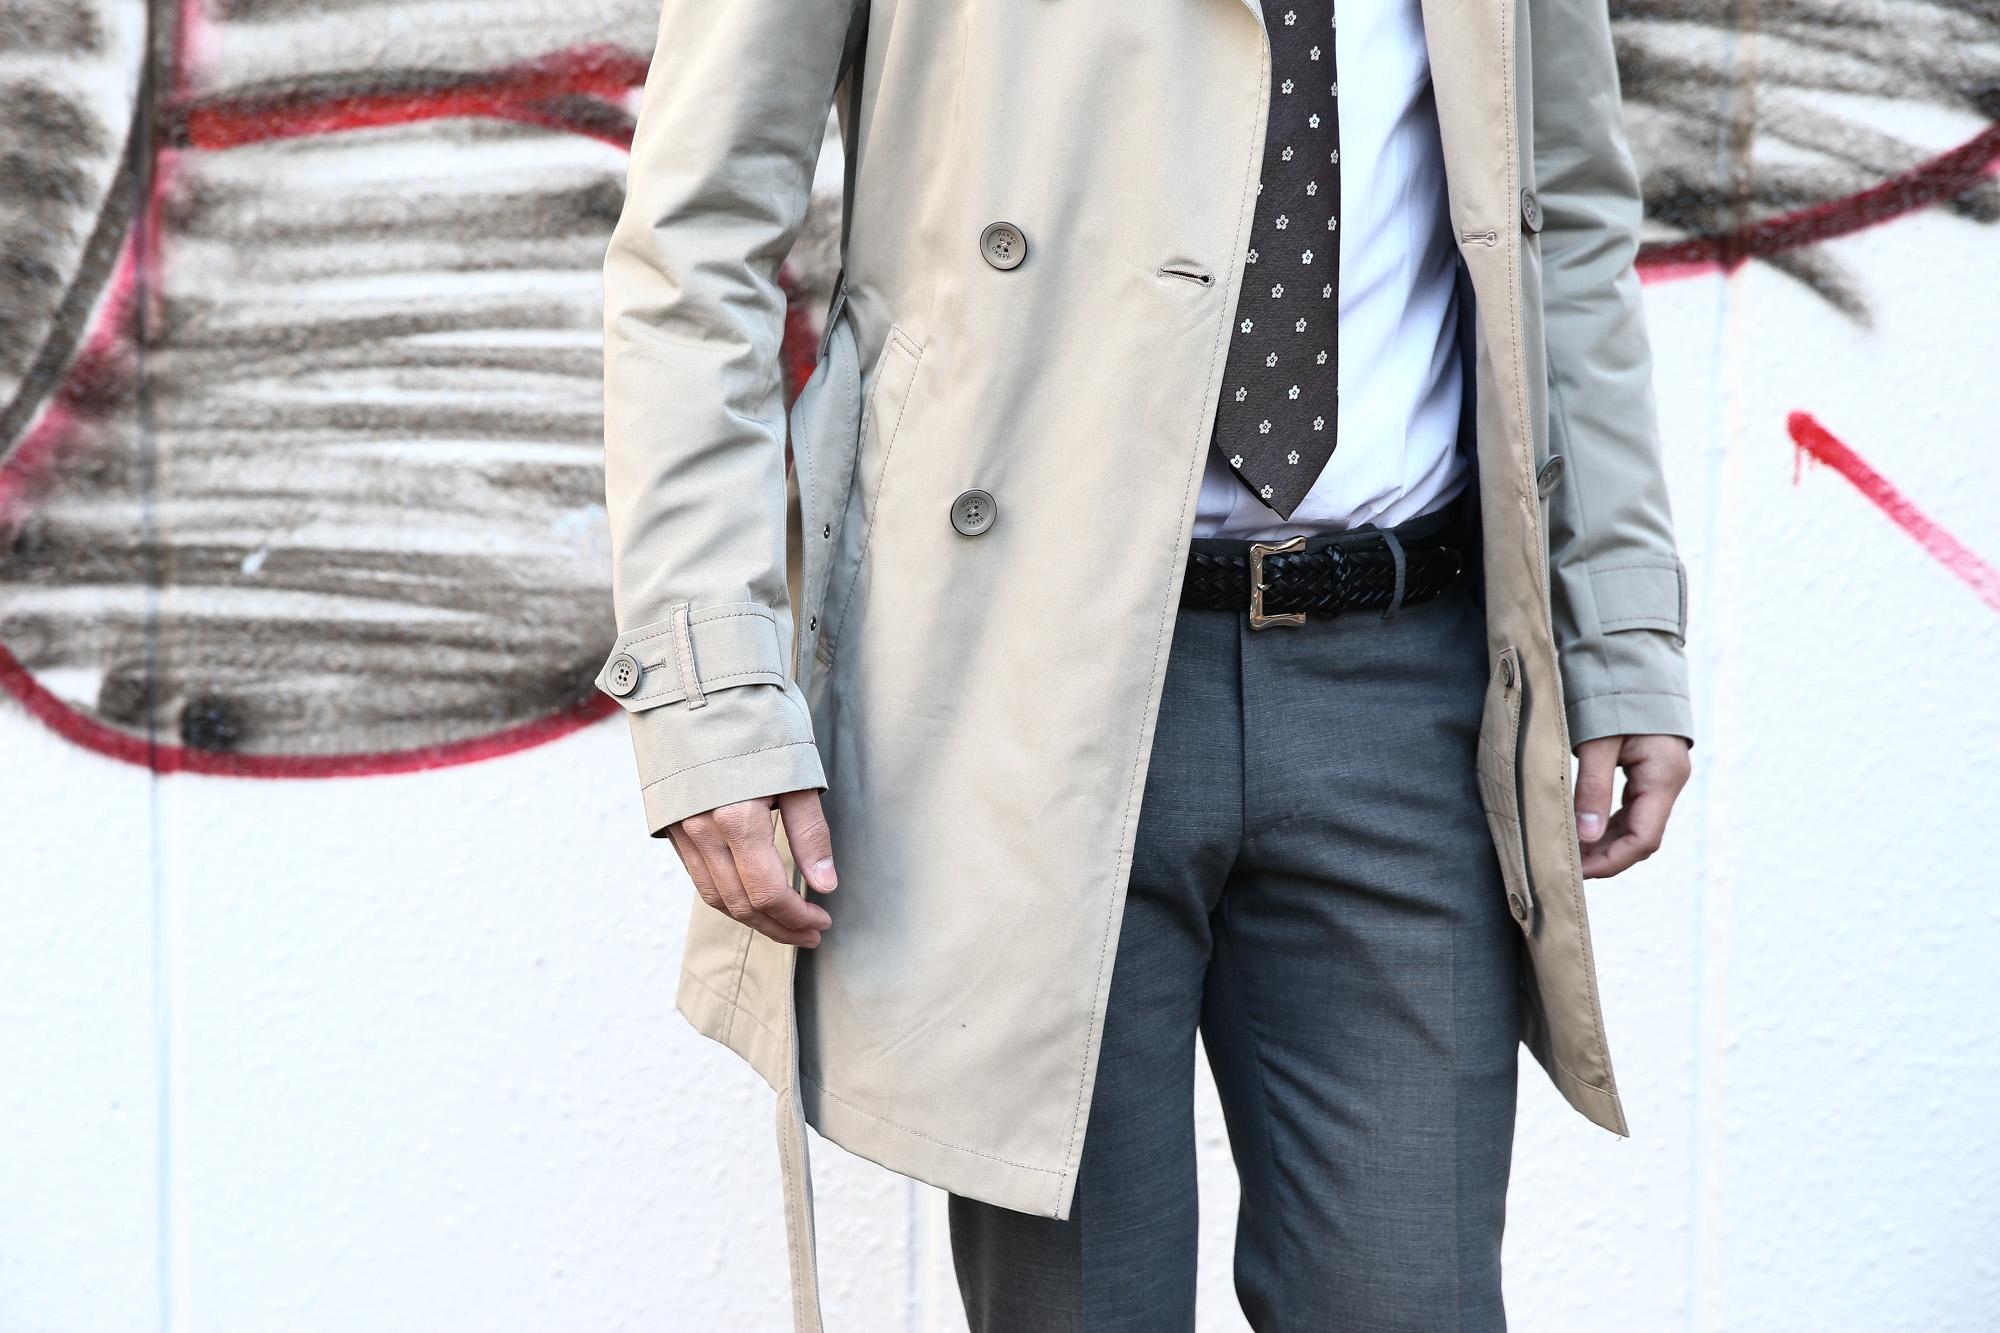 【HERNO / ヘルノ】 IM0127U Rain Collection Trench coat (レインコレクション トレンチコート) 撥水 ダブルブレスト トレンチコート BEIGE (ベージュ・2750) Made in italy (イタリア製) 2018 春夏新作  herno ヘルノ 愛知 名古屋 ZODIAC ゾディアック トレンチ